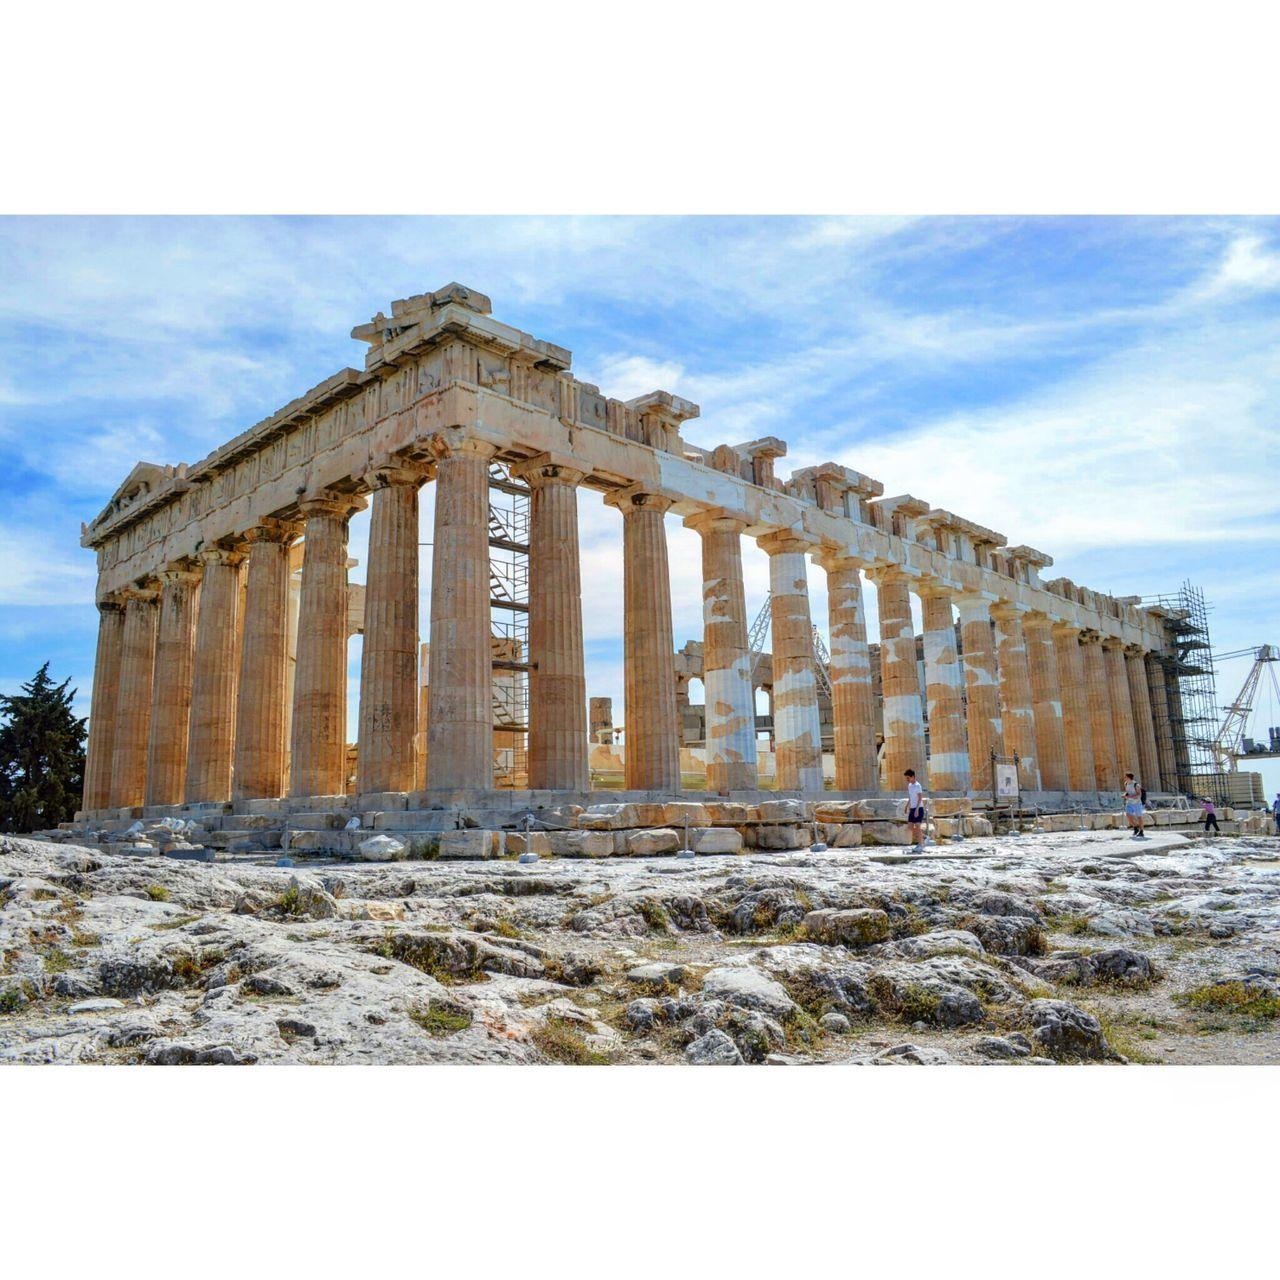 Acropolis of Athens, 2016 Athens, Greece Parthenon Acropolis Greece Architecture